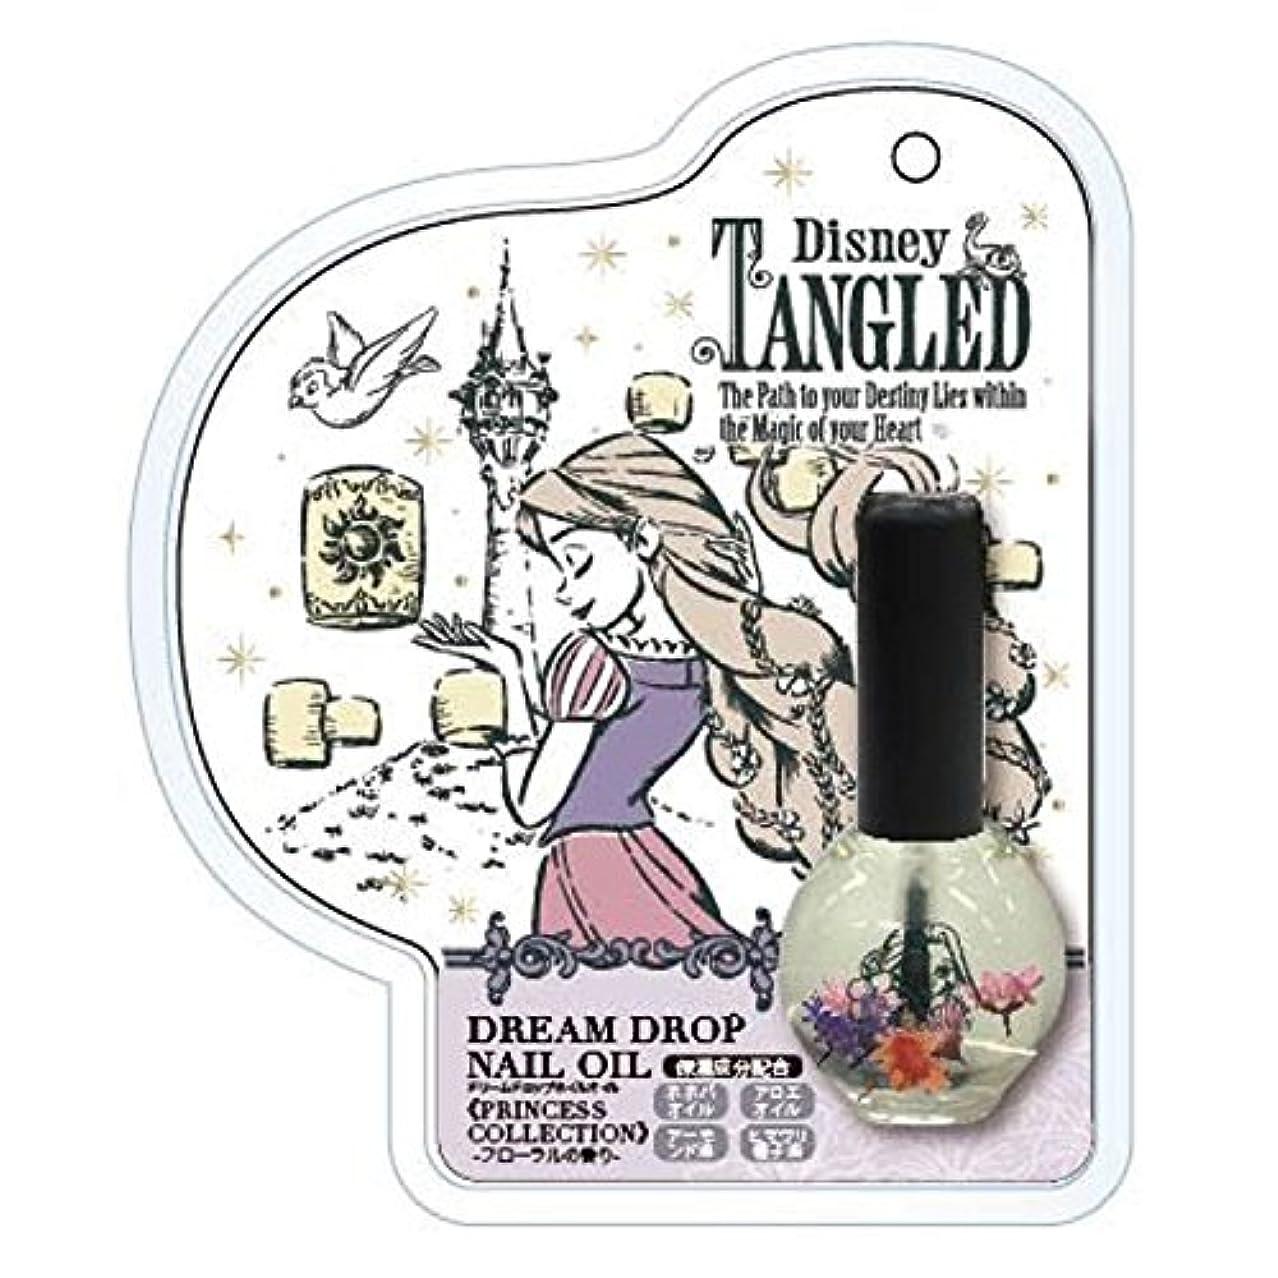 増加するポータブルガレージSHO-BI(ショービ) ドリームドロップネイルオイル プリンセスコレクション ラプンツェル-フローラルの香り-DN04751